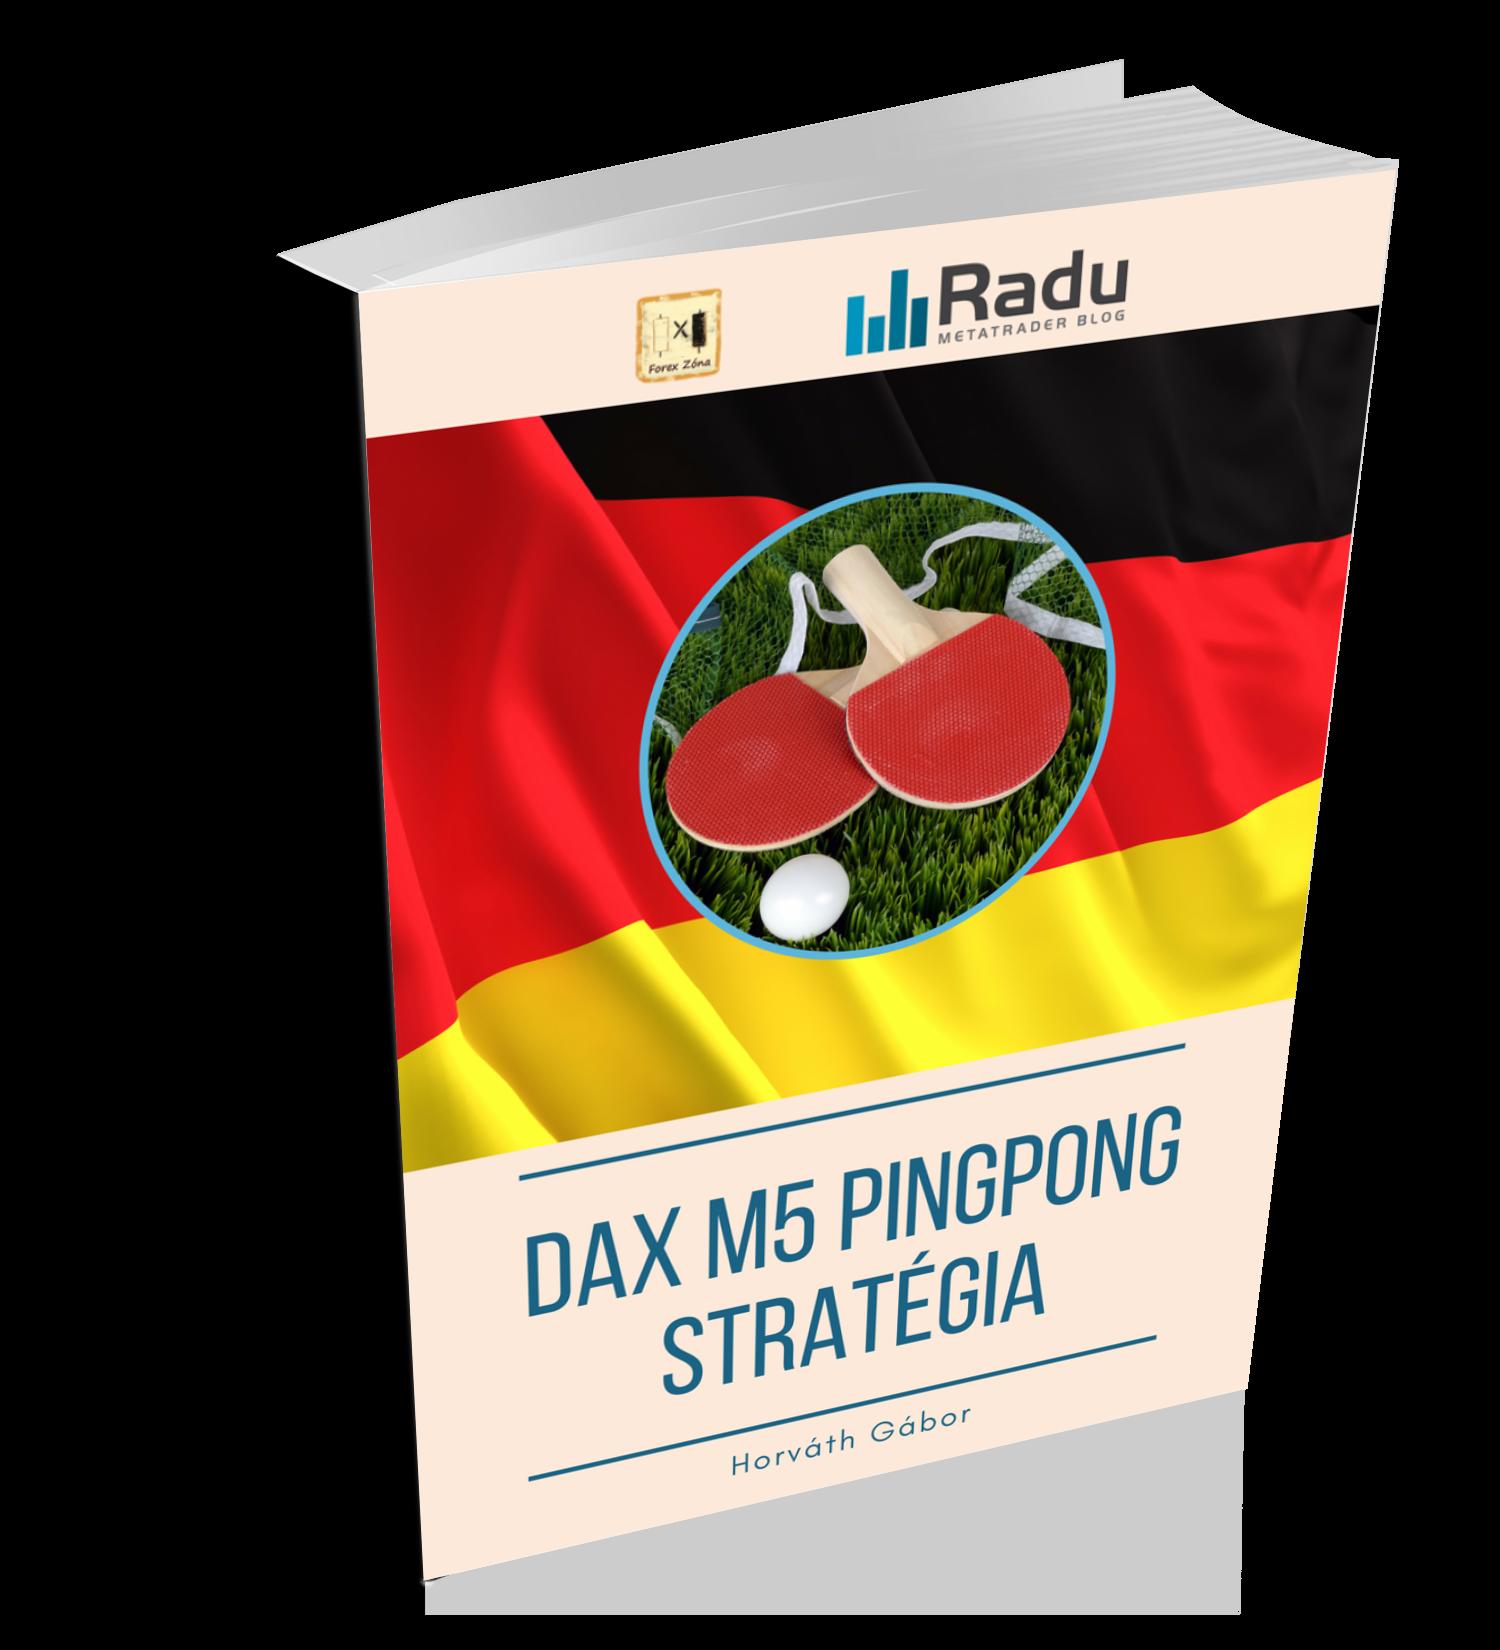 DAX M5 Pingpong stratégia